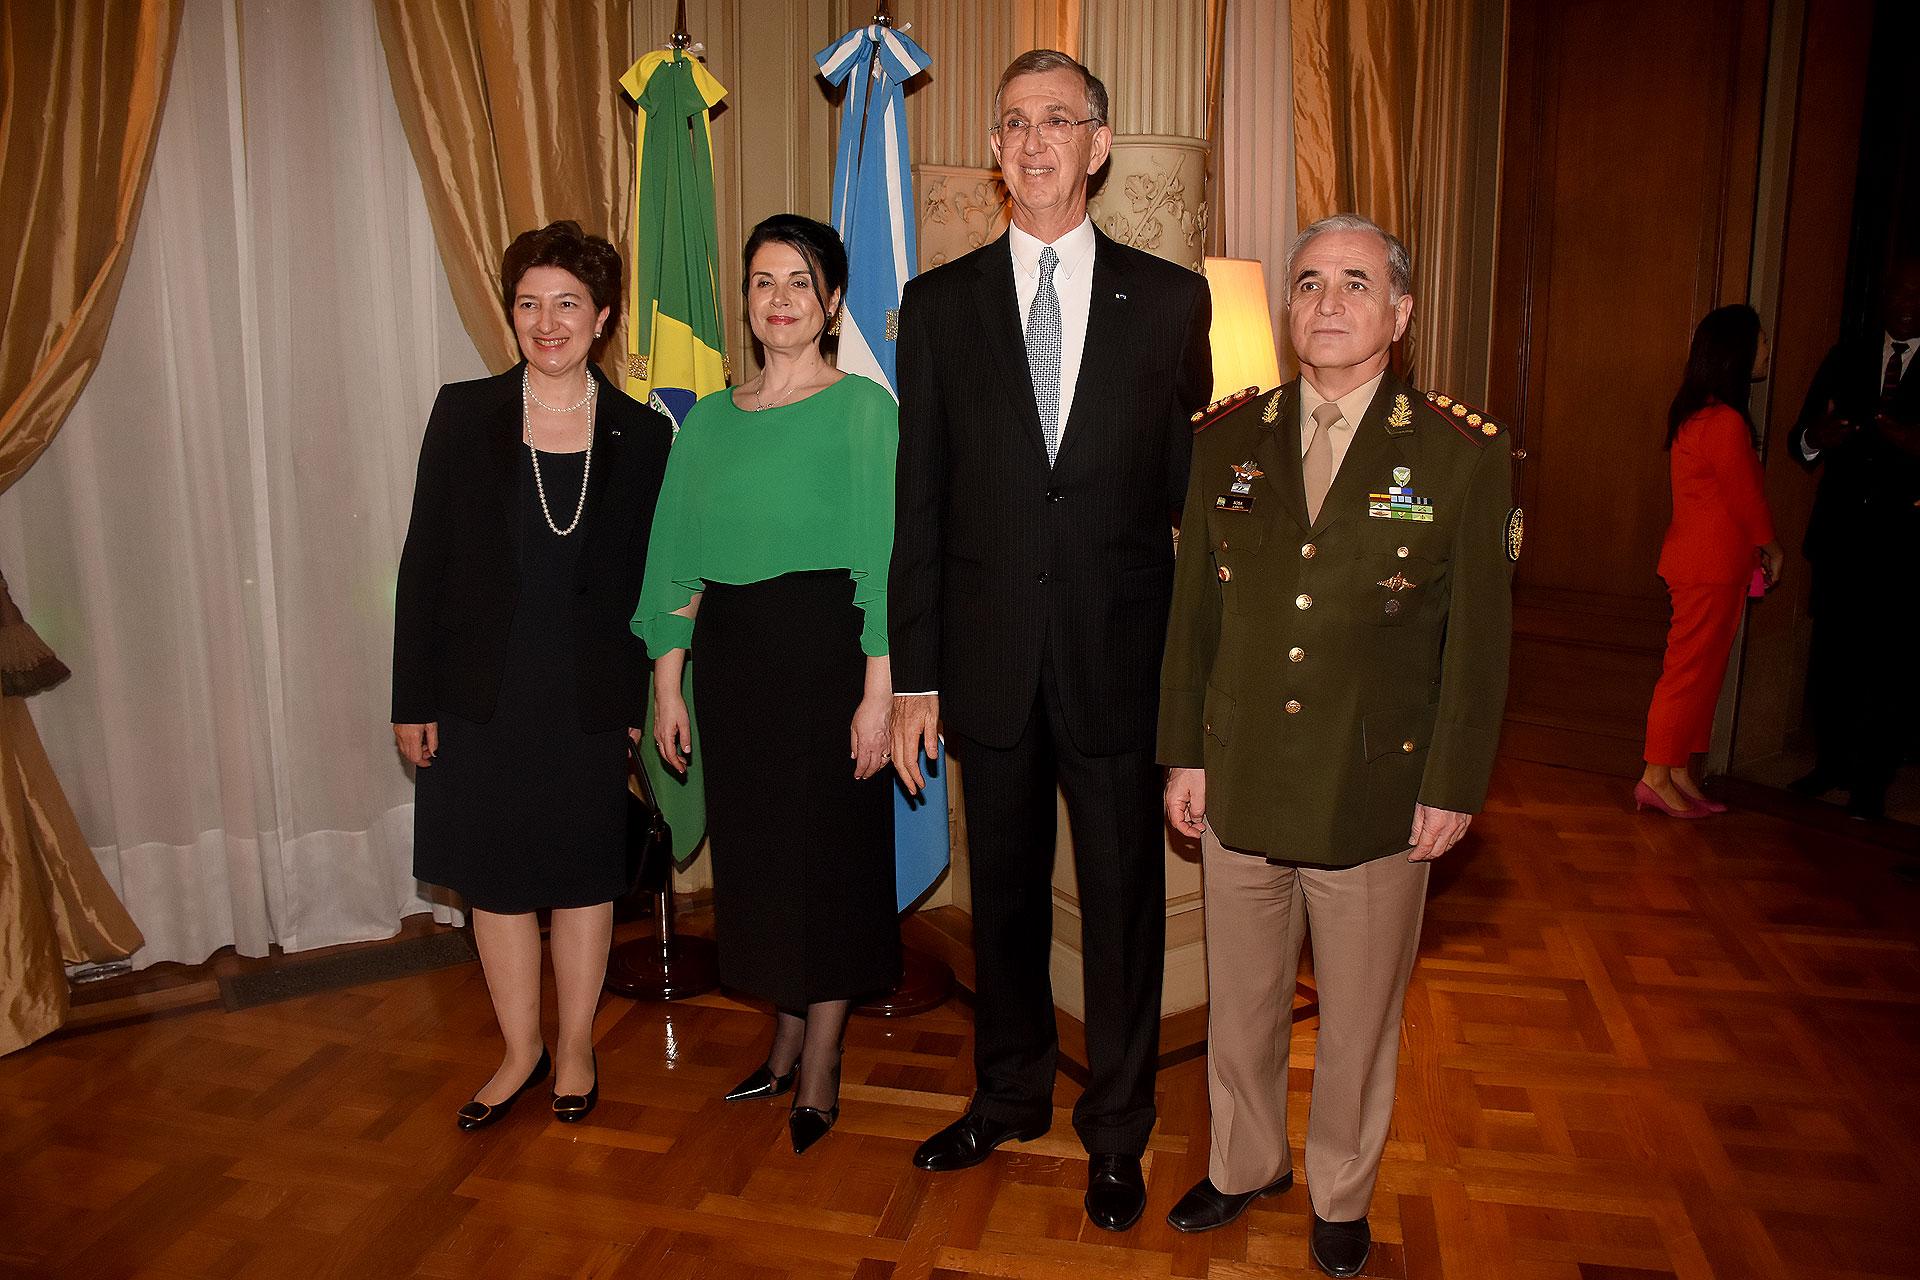 El jefe del Estado Mayor Conjunto de las Fuerzas Armadas, teniente general Bari del Valle Sosa